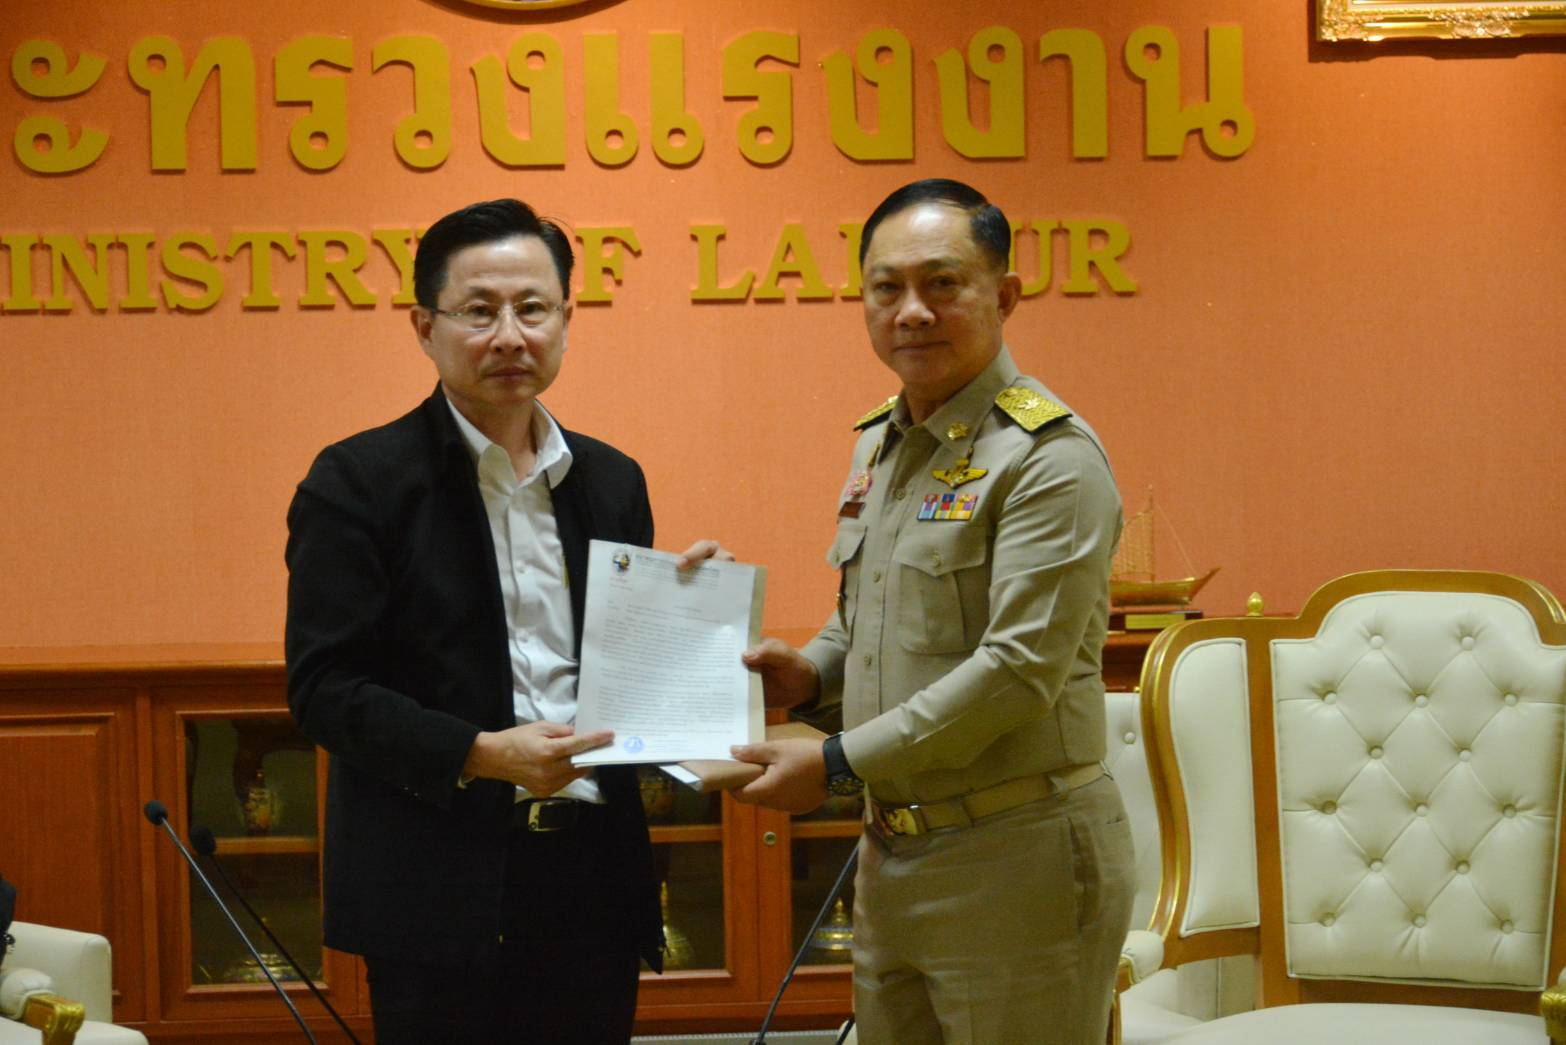 อธิบดีกรมการจัดหางาน ร่วมให้การต้อนรับ สมาคมการประมงแห่งประเทศไทย